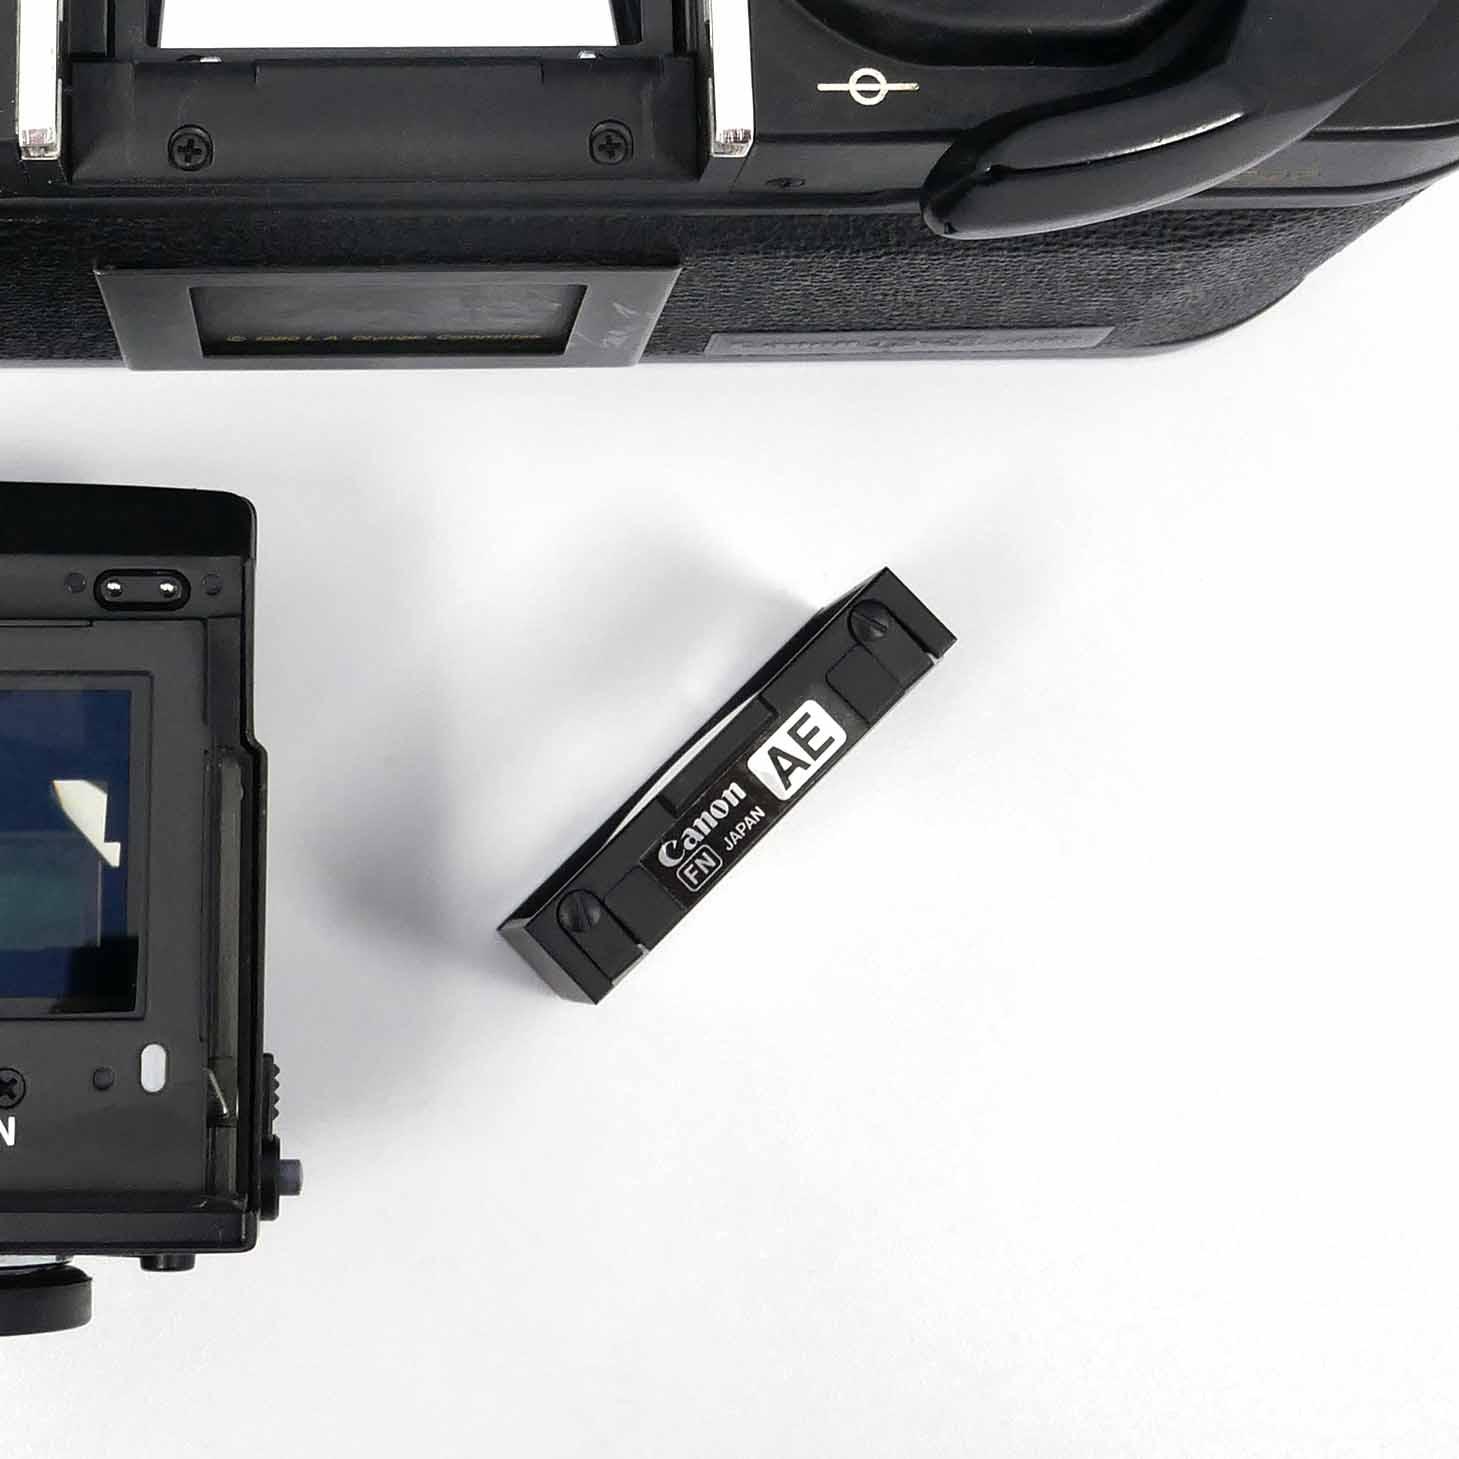 clean-cameras-Canon-F-1-Los-Angeles-02